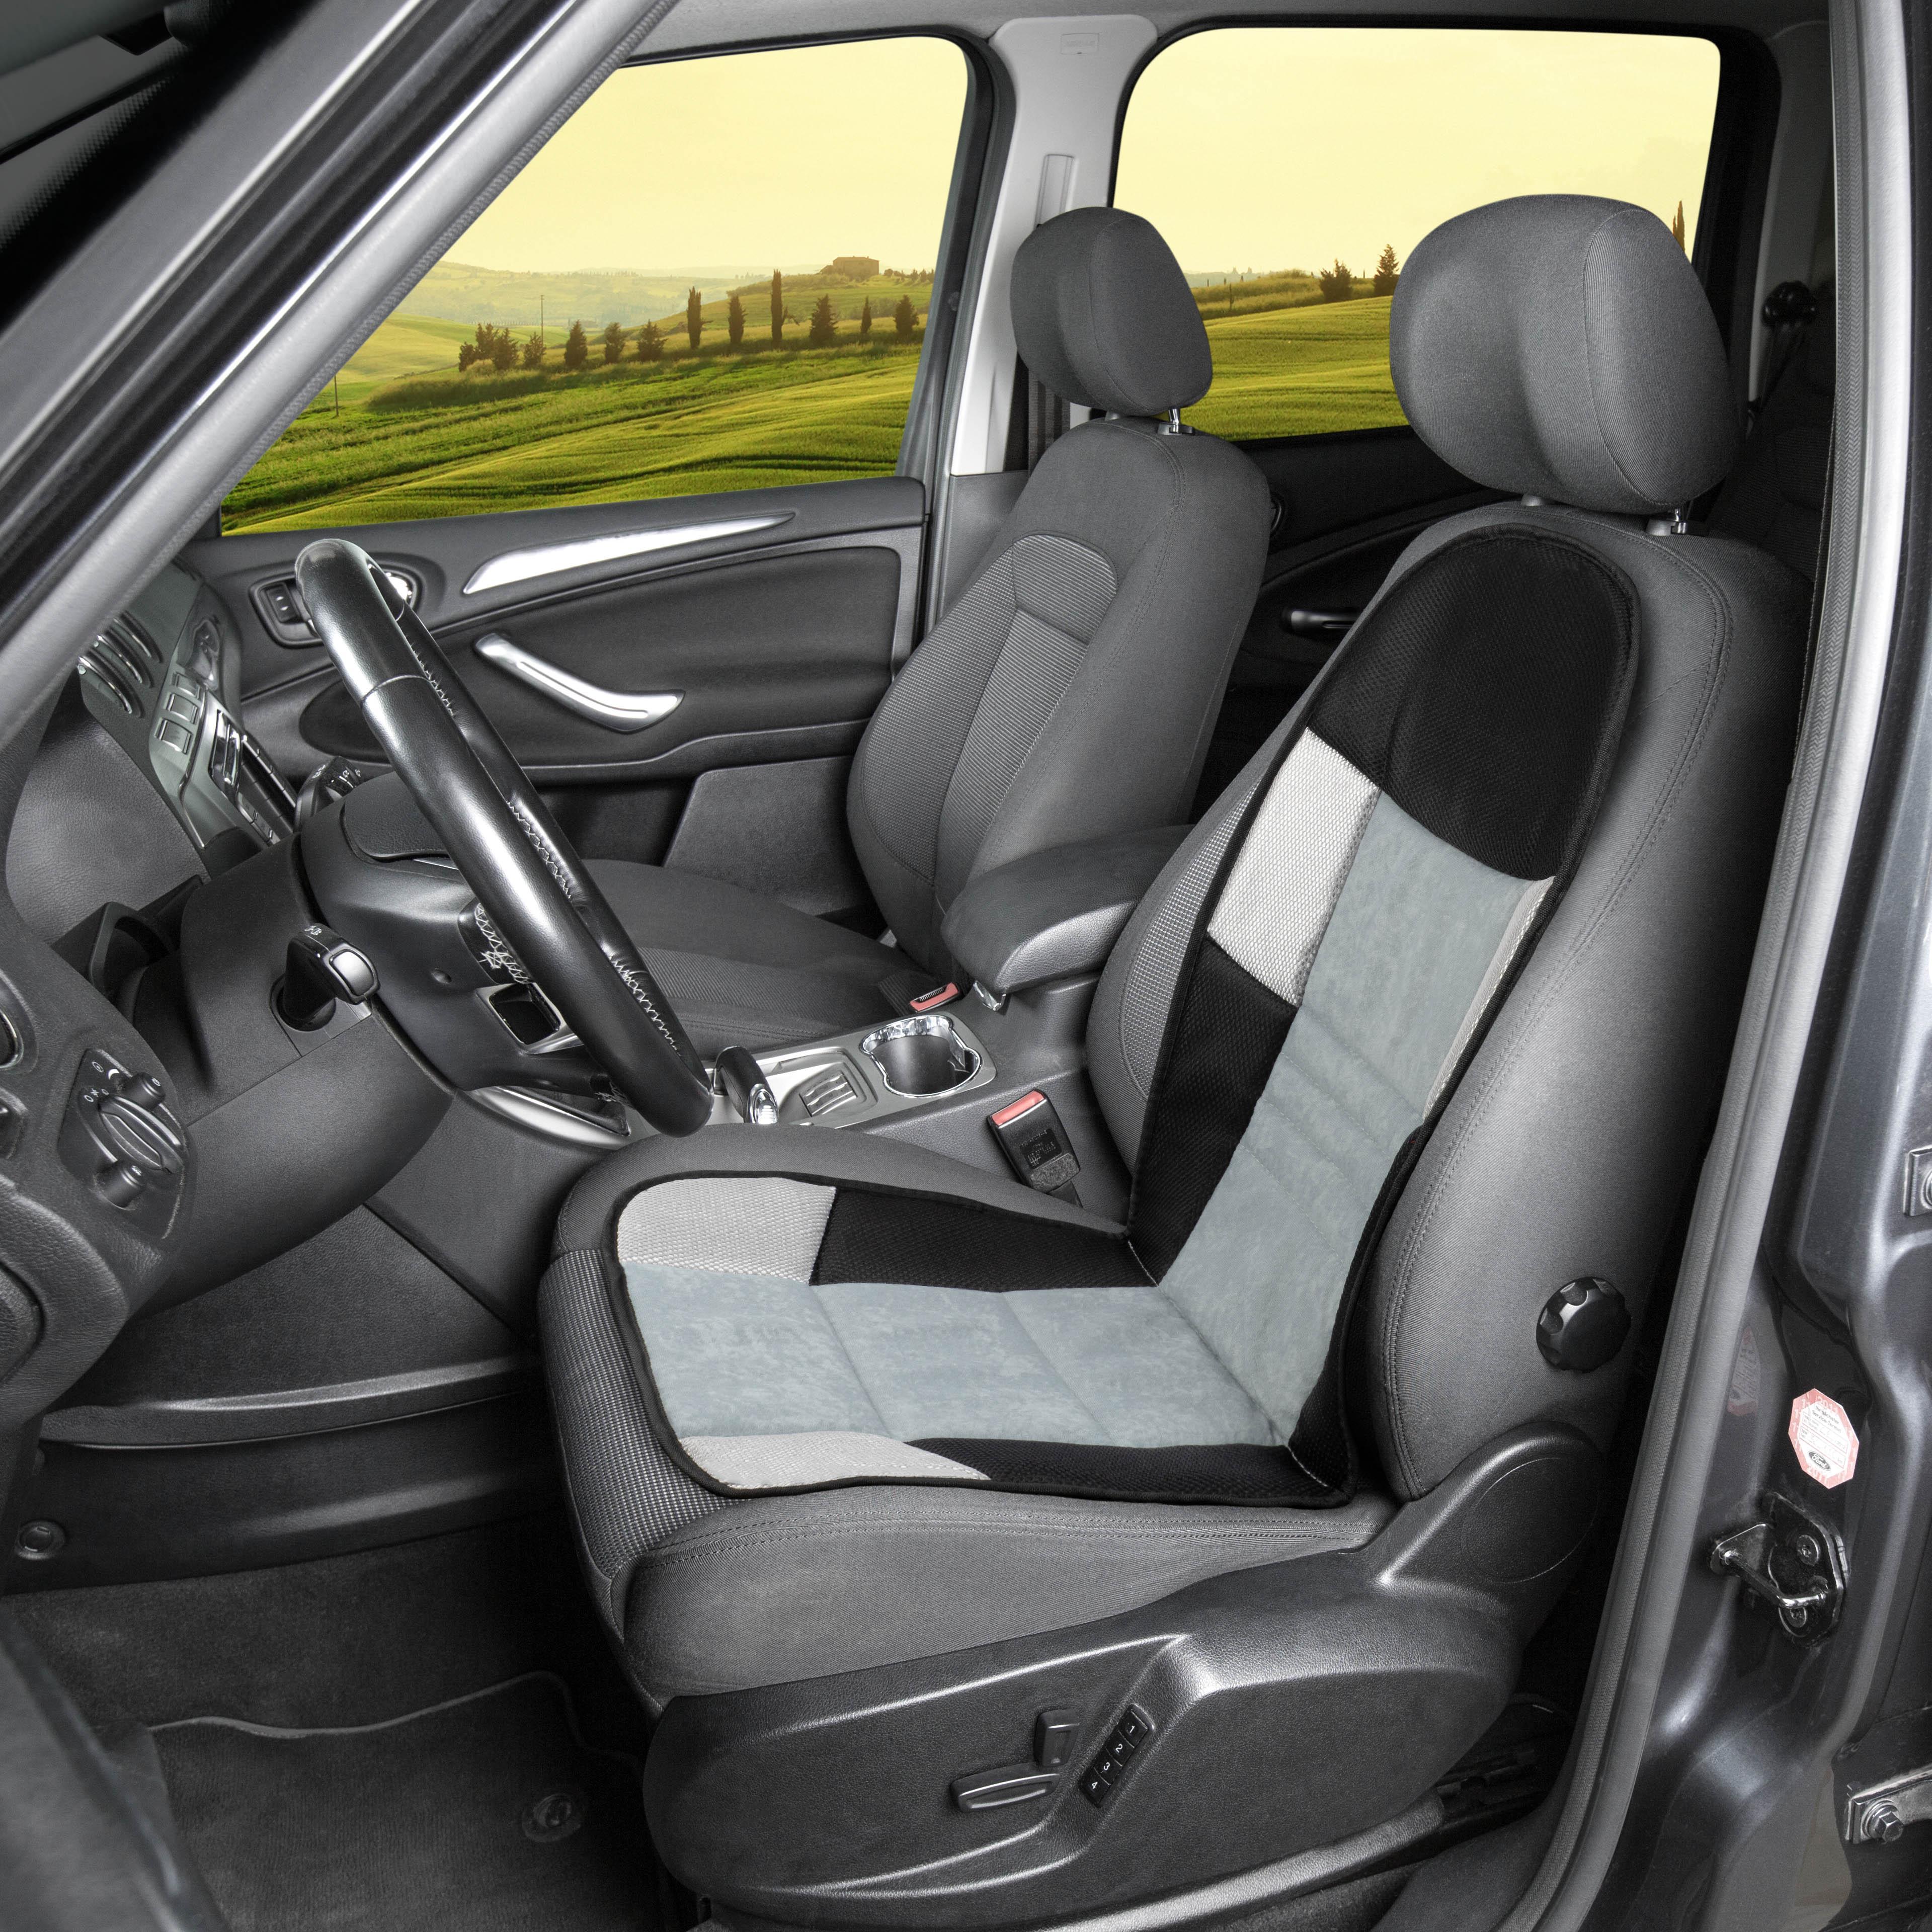 Auflagen für Autositze WALSER 11665 Bewertung